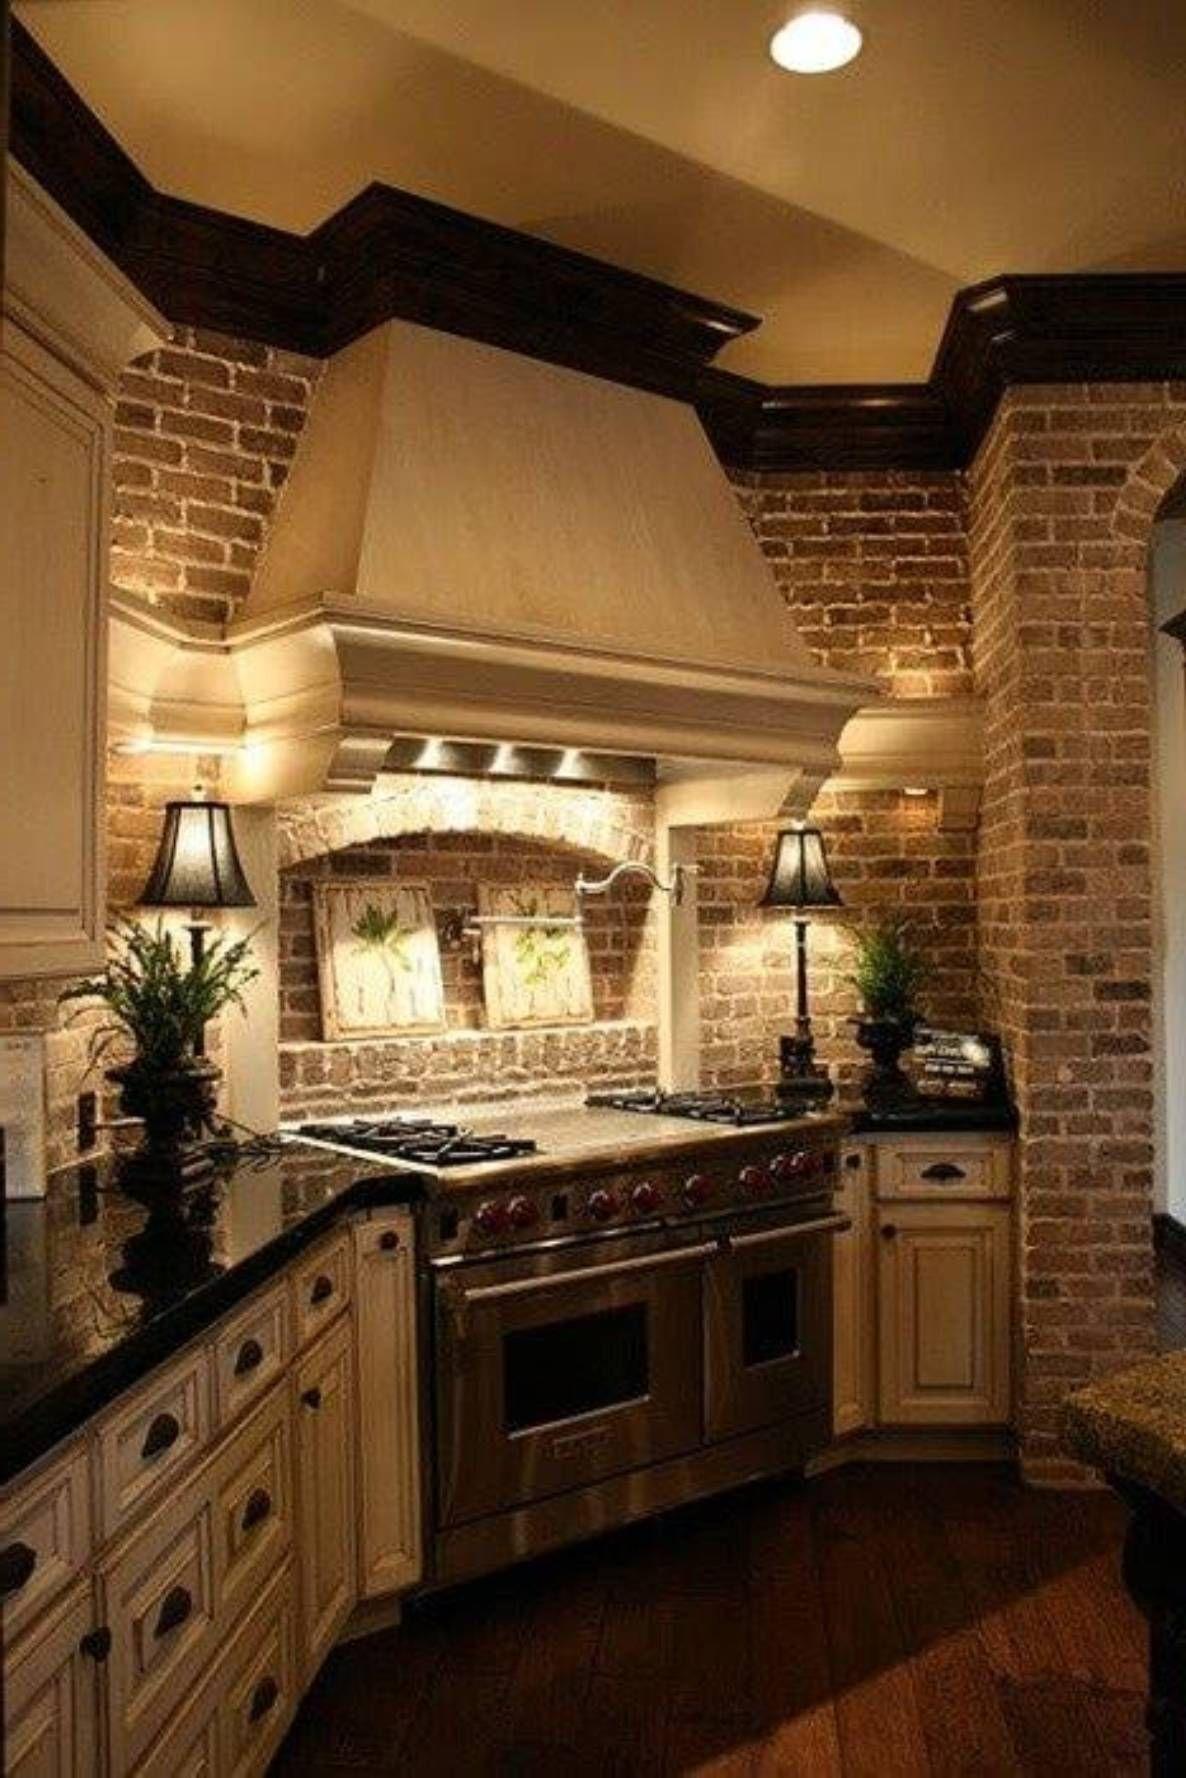 Corner stove | House | Pinterest | Küche, Hausbau und Wohnideen